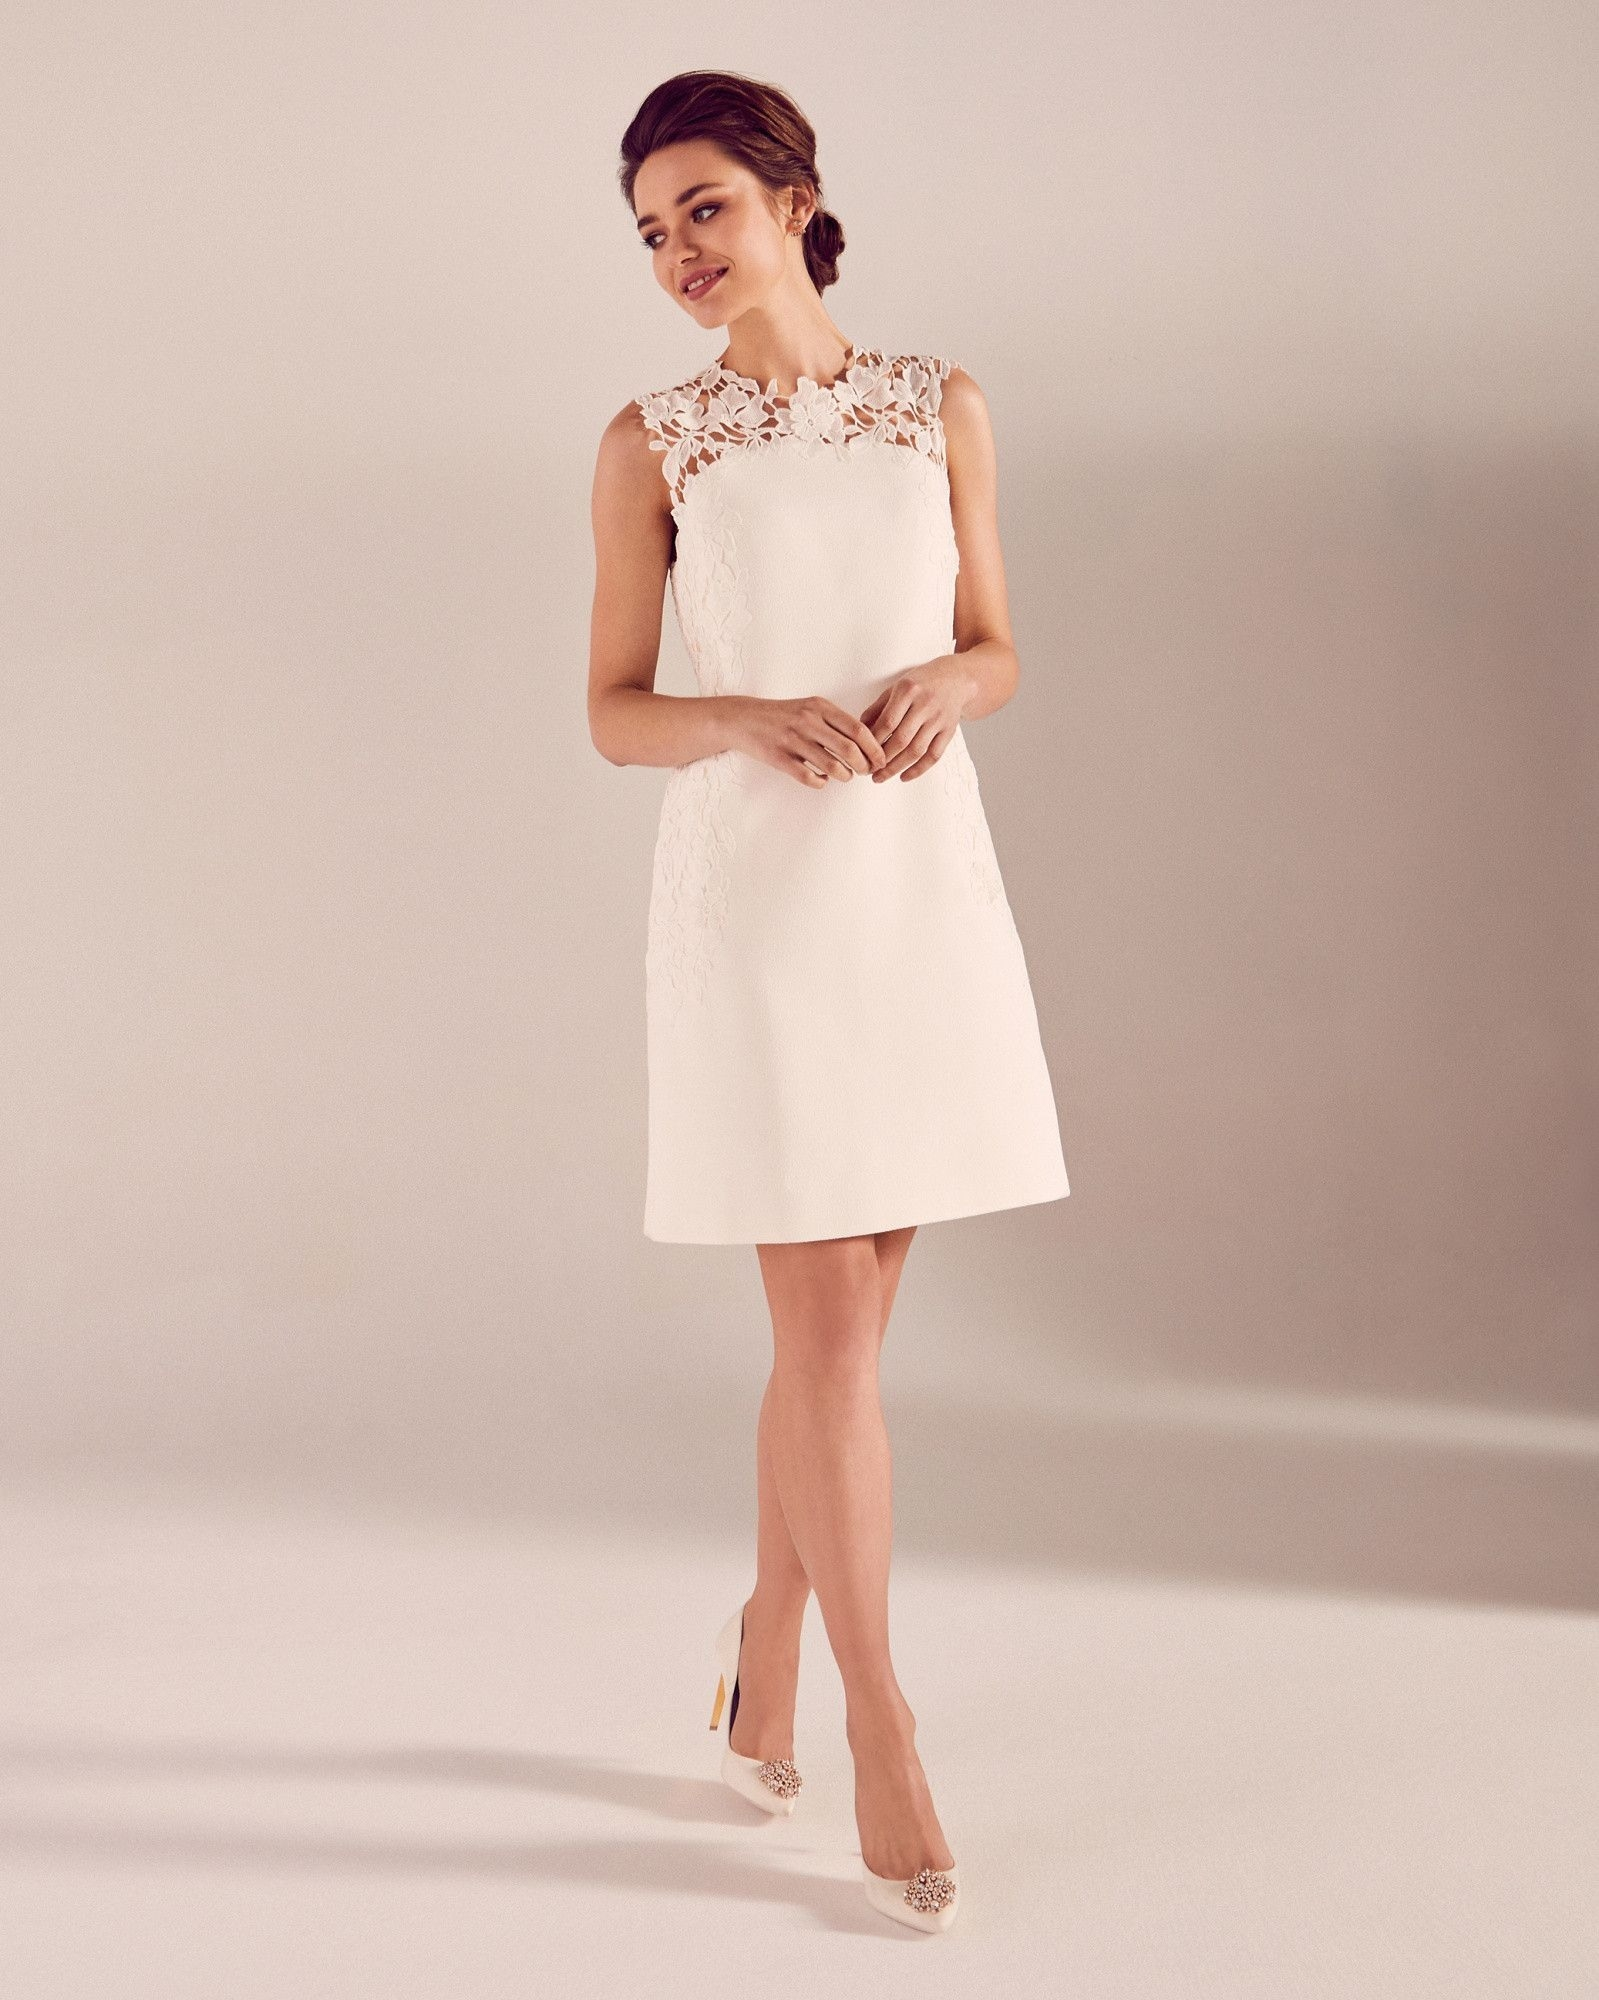 Formal Einfach Strandkleid Weiß Hochzeit VertriebFormal Erstaunlich Strandkleid Weiß Hochzeit Ärmel